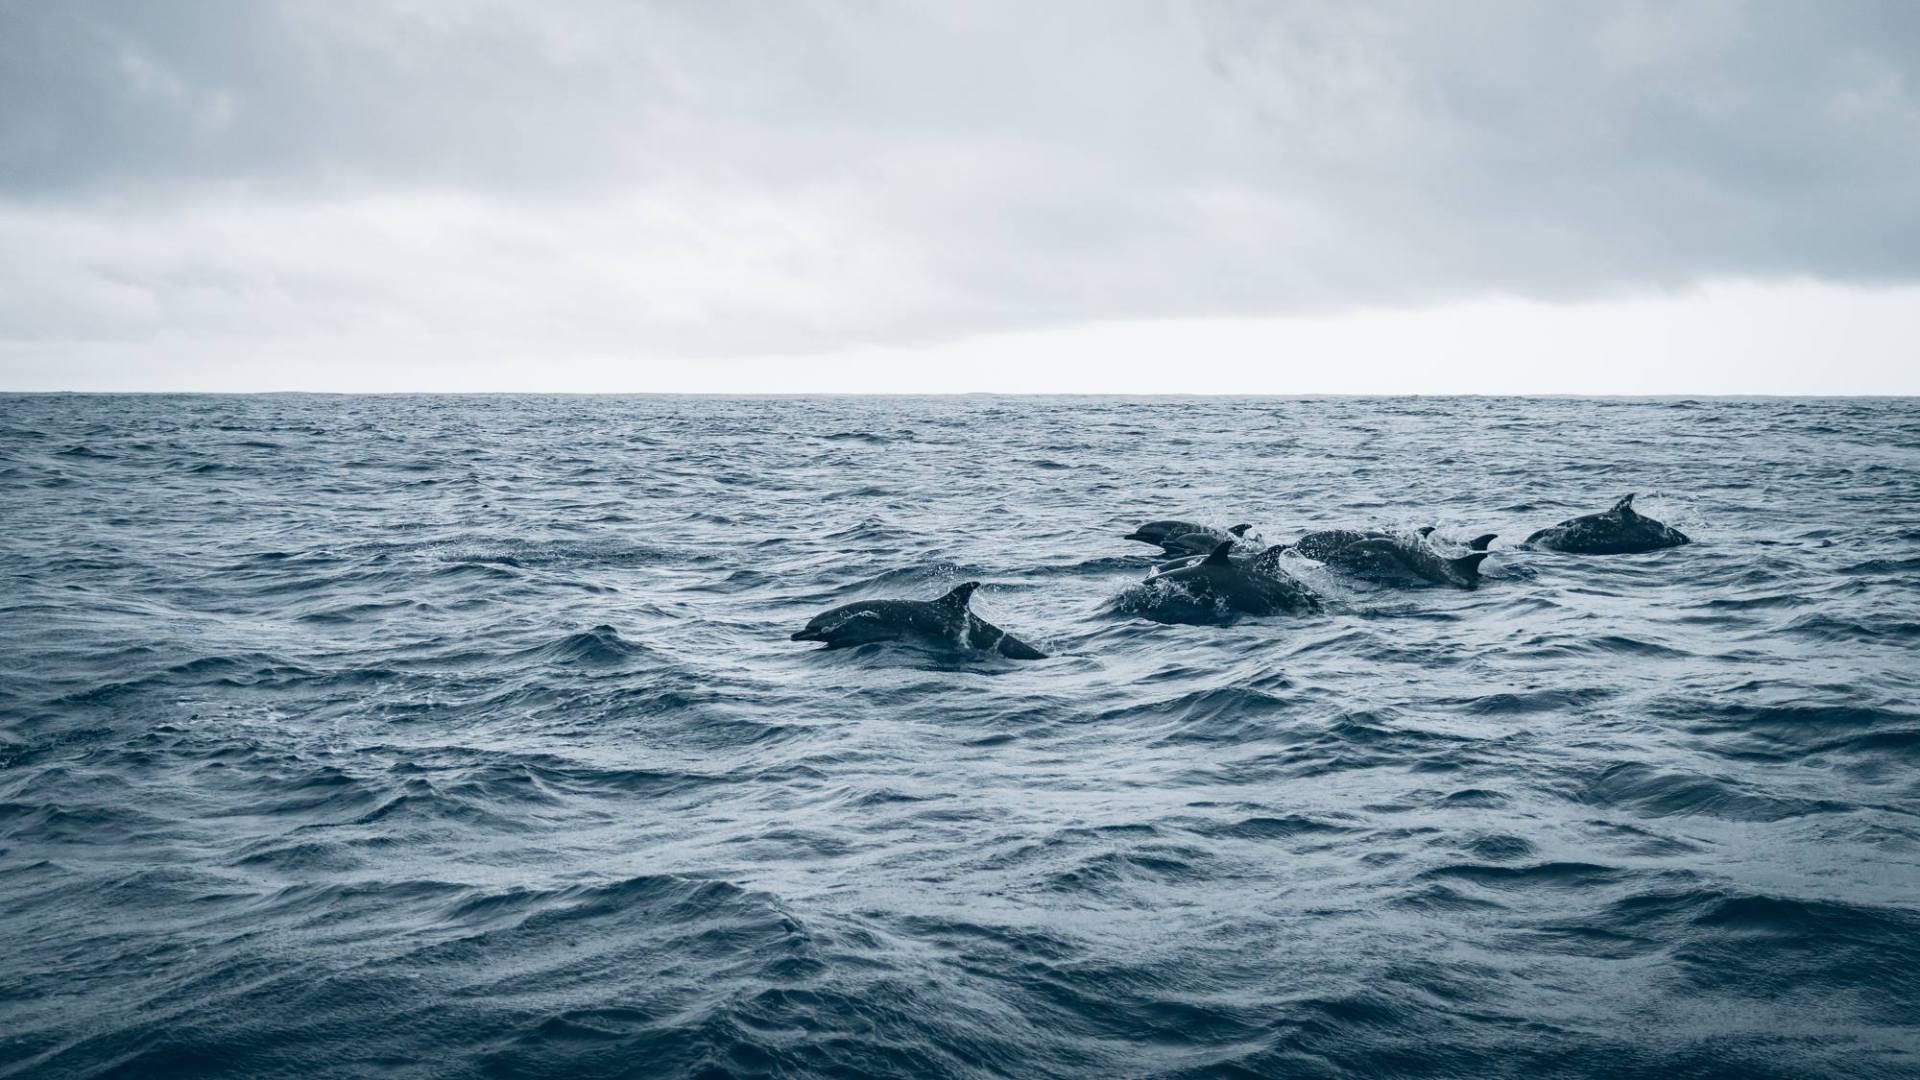 Un autre banc de dauphins